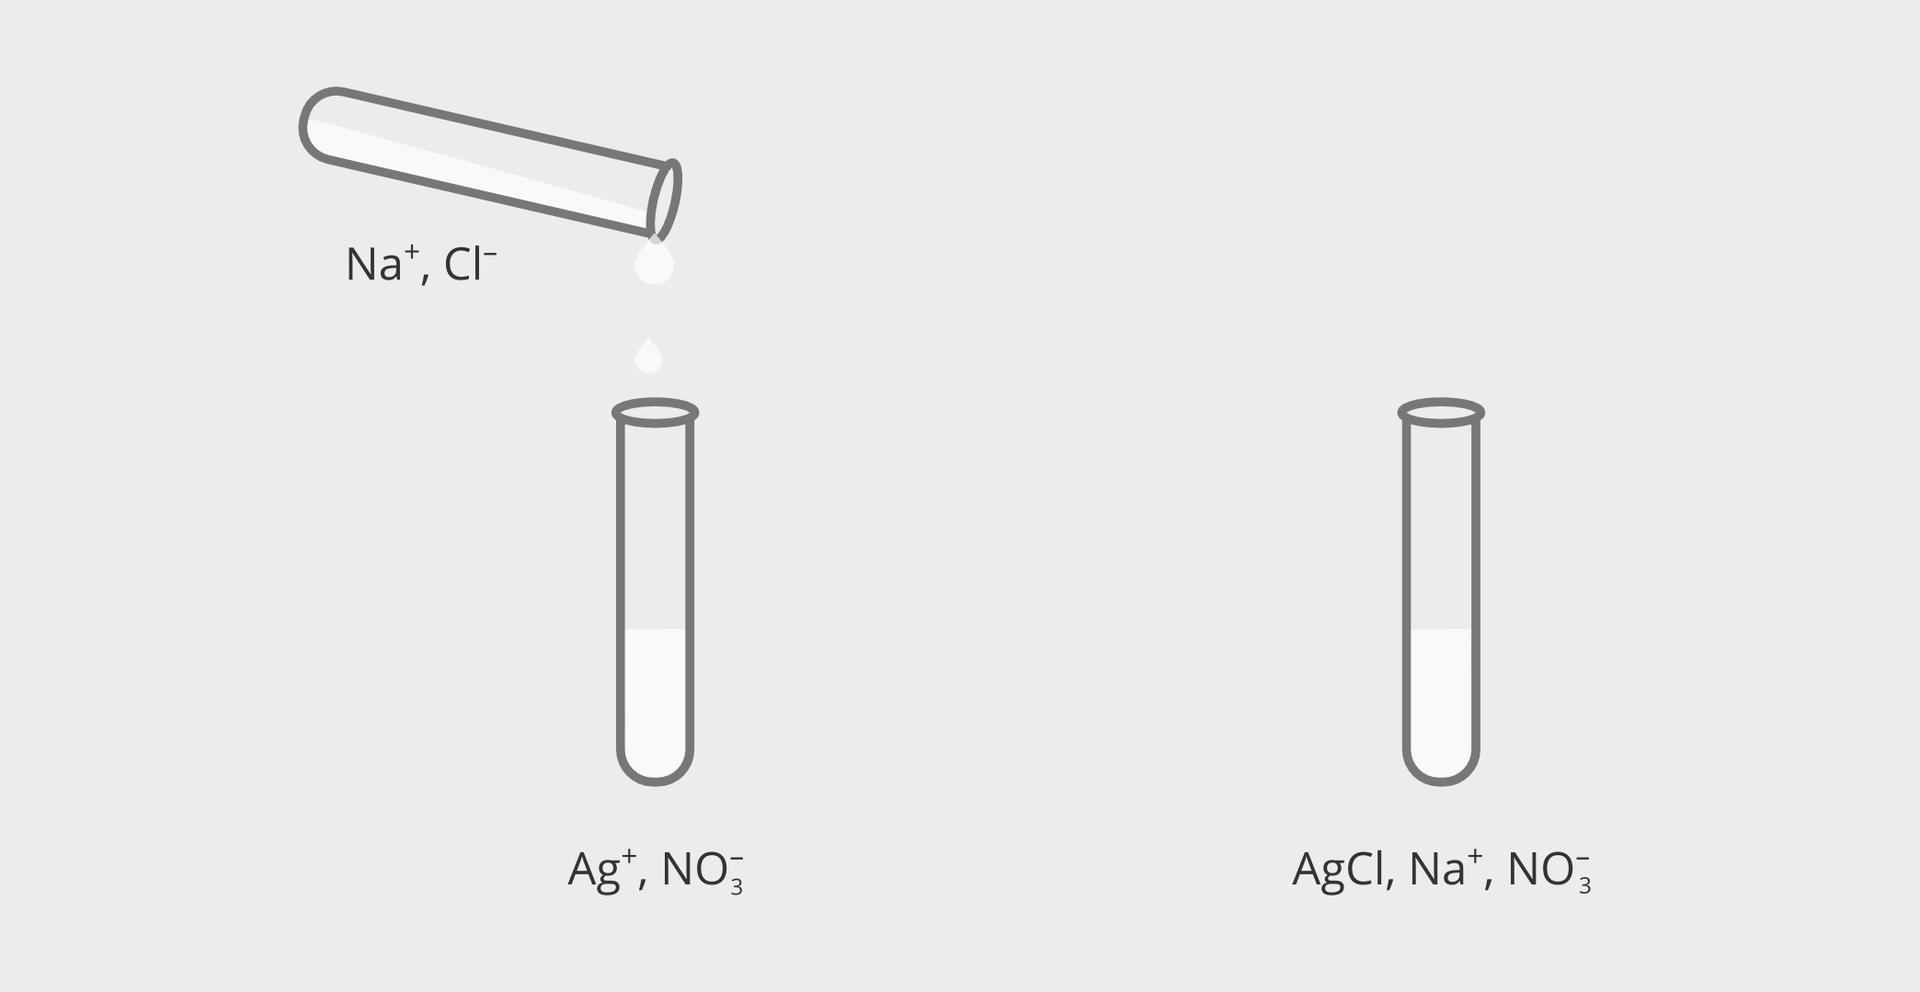 Ilustracja przedstawia rysunek dwóch faz jednego eksperymentu. Po lewej stronie znajduje się dwie probówki zroztworami. Dolna, ustawiona pionowo podpisana jest jonami Ag plus iNO3 minus. Górna, przechylona, zktórej zawartość przelewana jest do dolnej również nosi podpisy znajdujących się wroztworze jonów: Na plus oraz Cl minus. Po prawej stronie rysunku widoczna jest pojedyncza, pełna próbówka zopisem zawartości: sól AgCl oraz jony Na plus iNO3 minus.